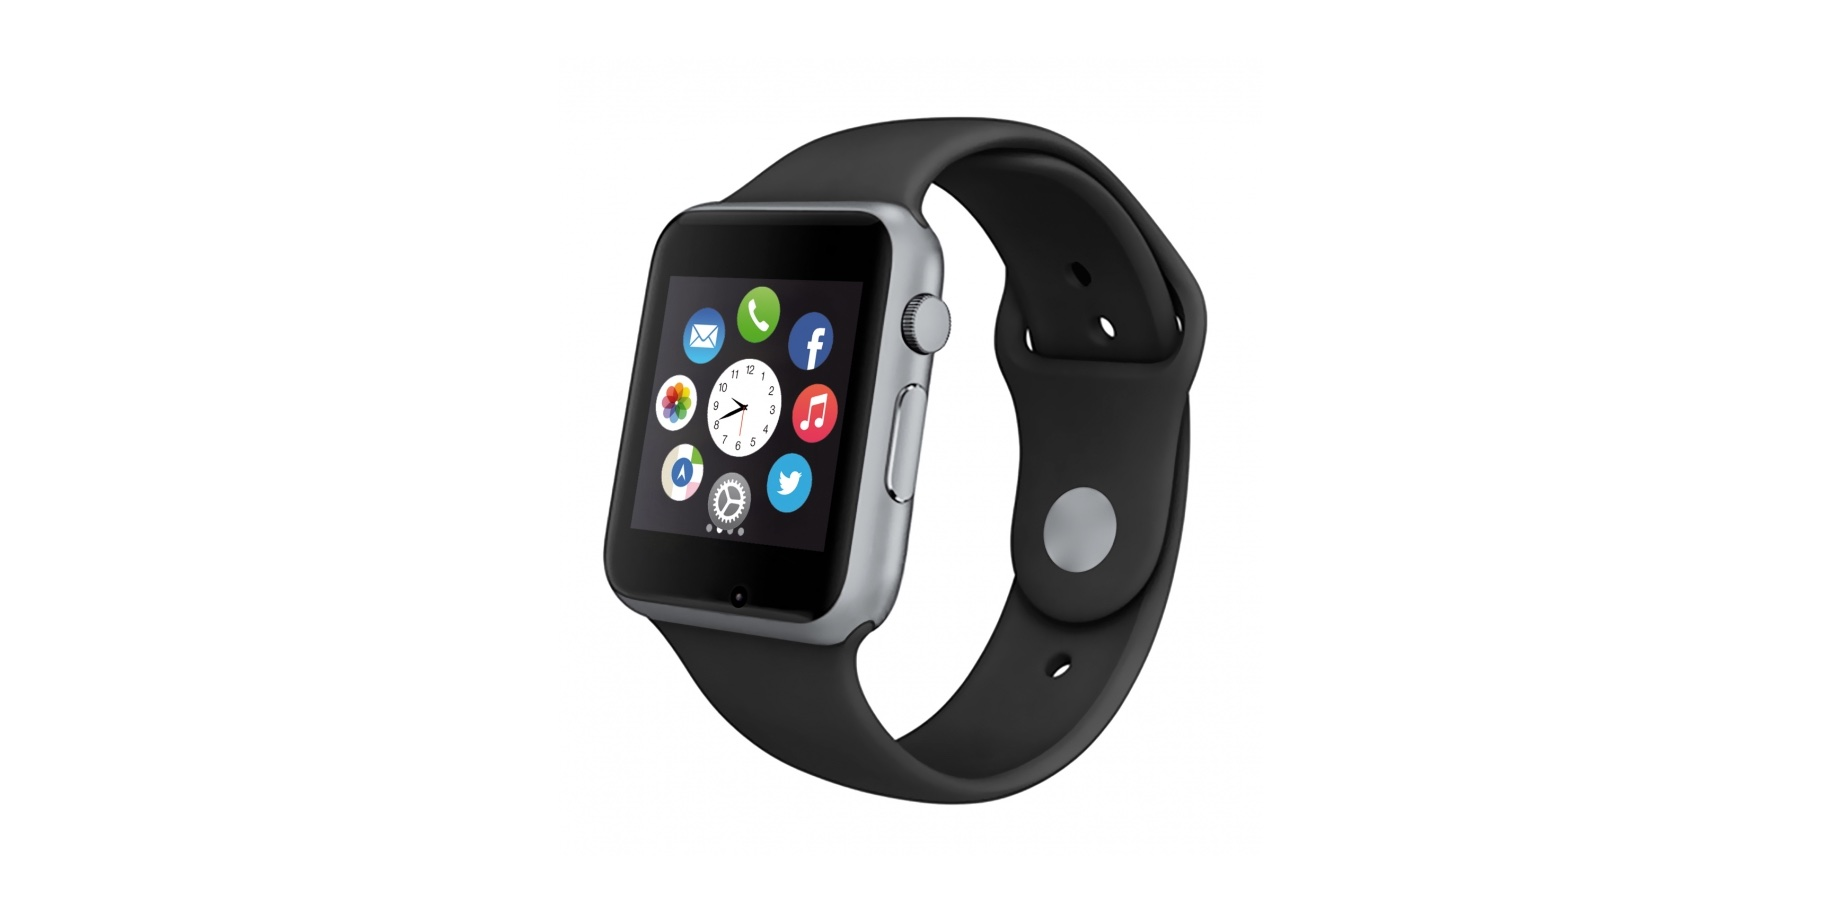 Manta skopiowała Apple Watch. Niestety tylko z wyglądu